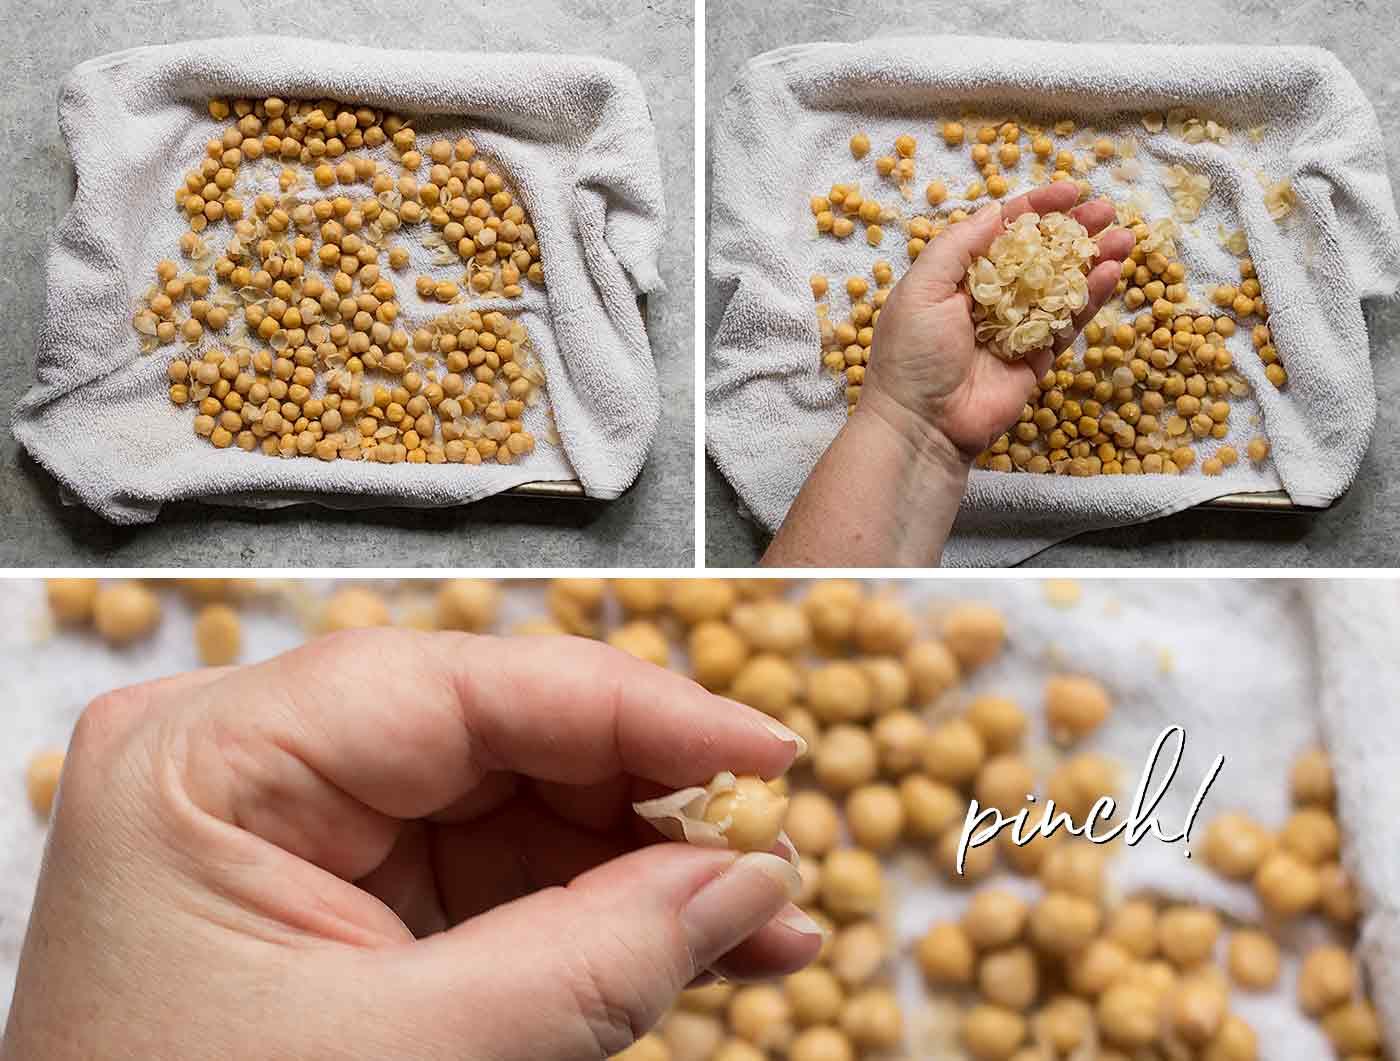 How to peel chickpeas